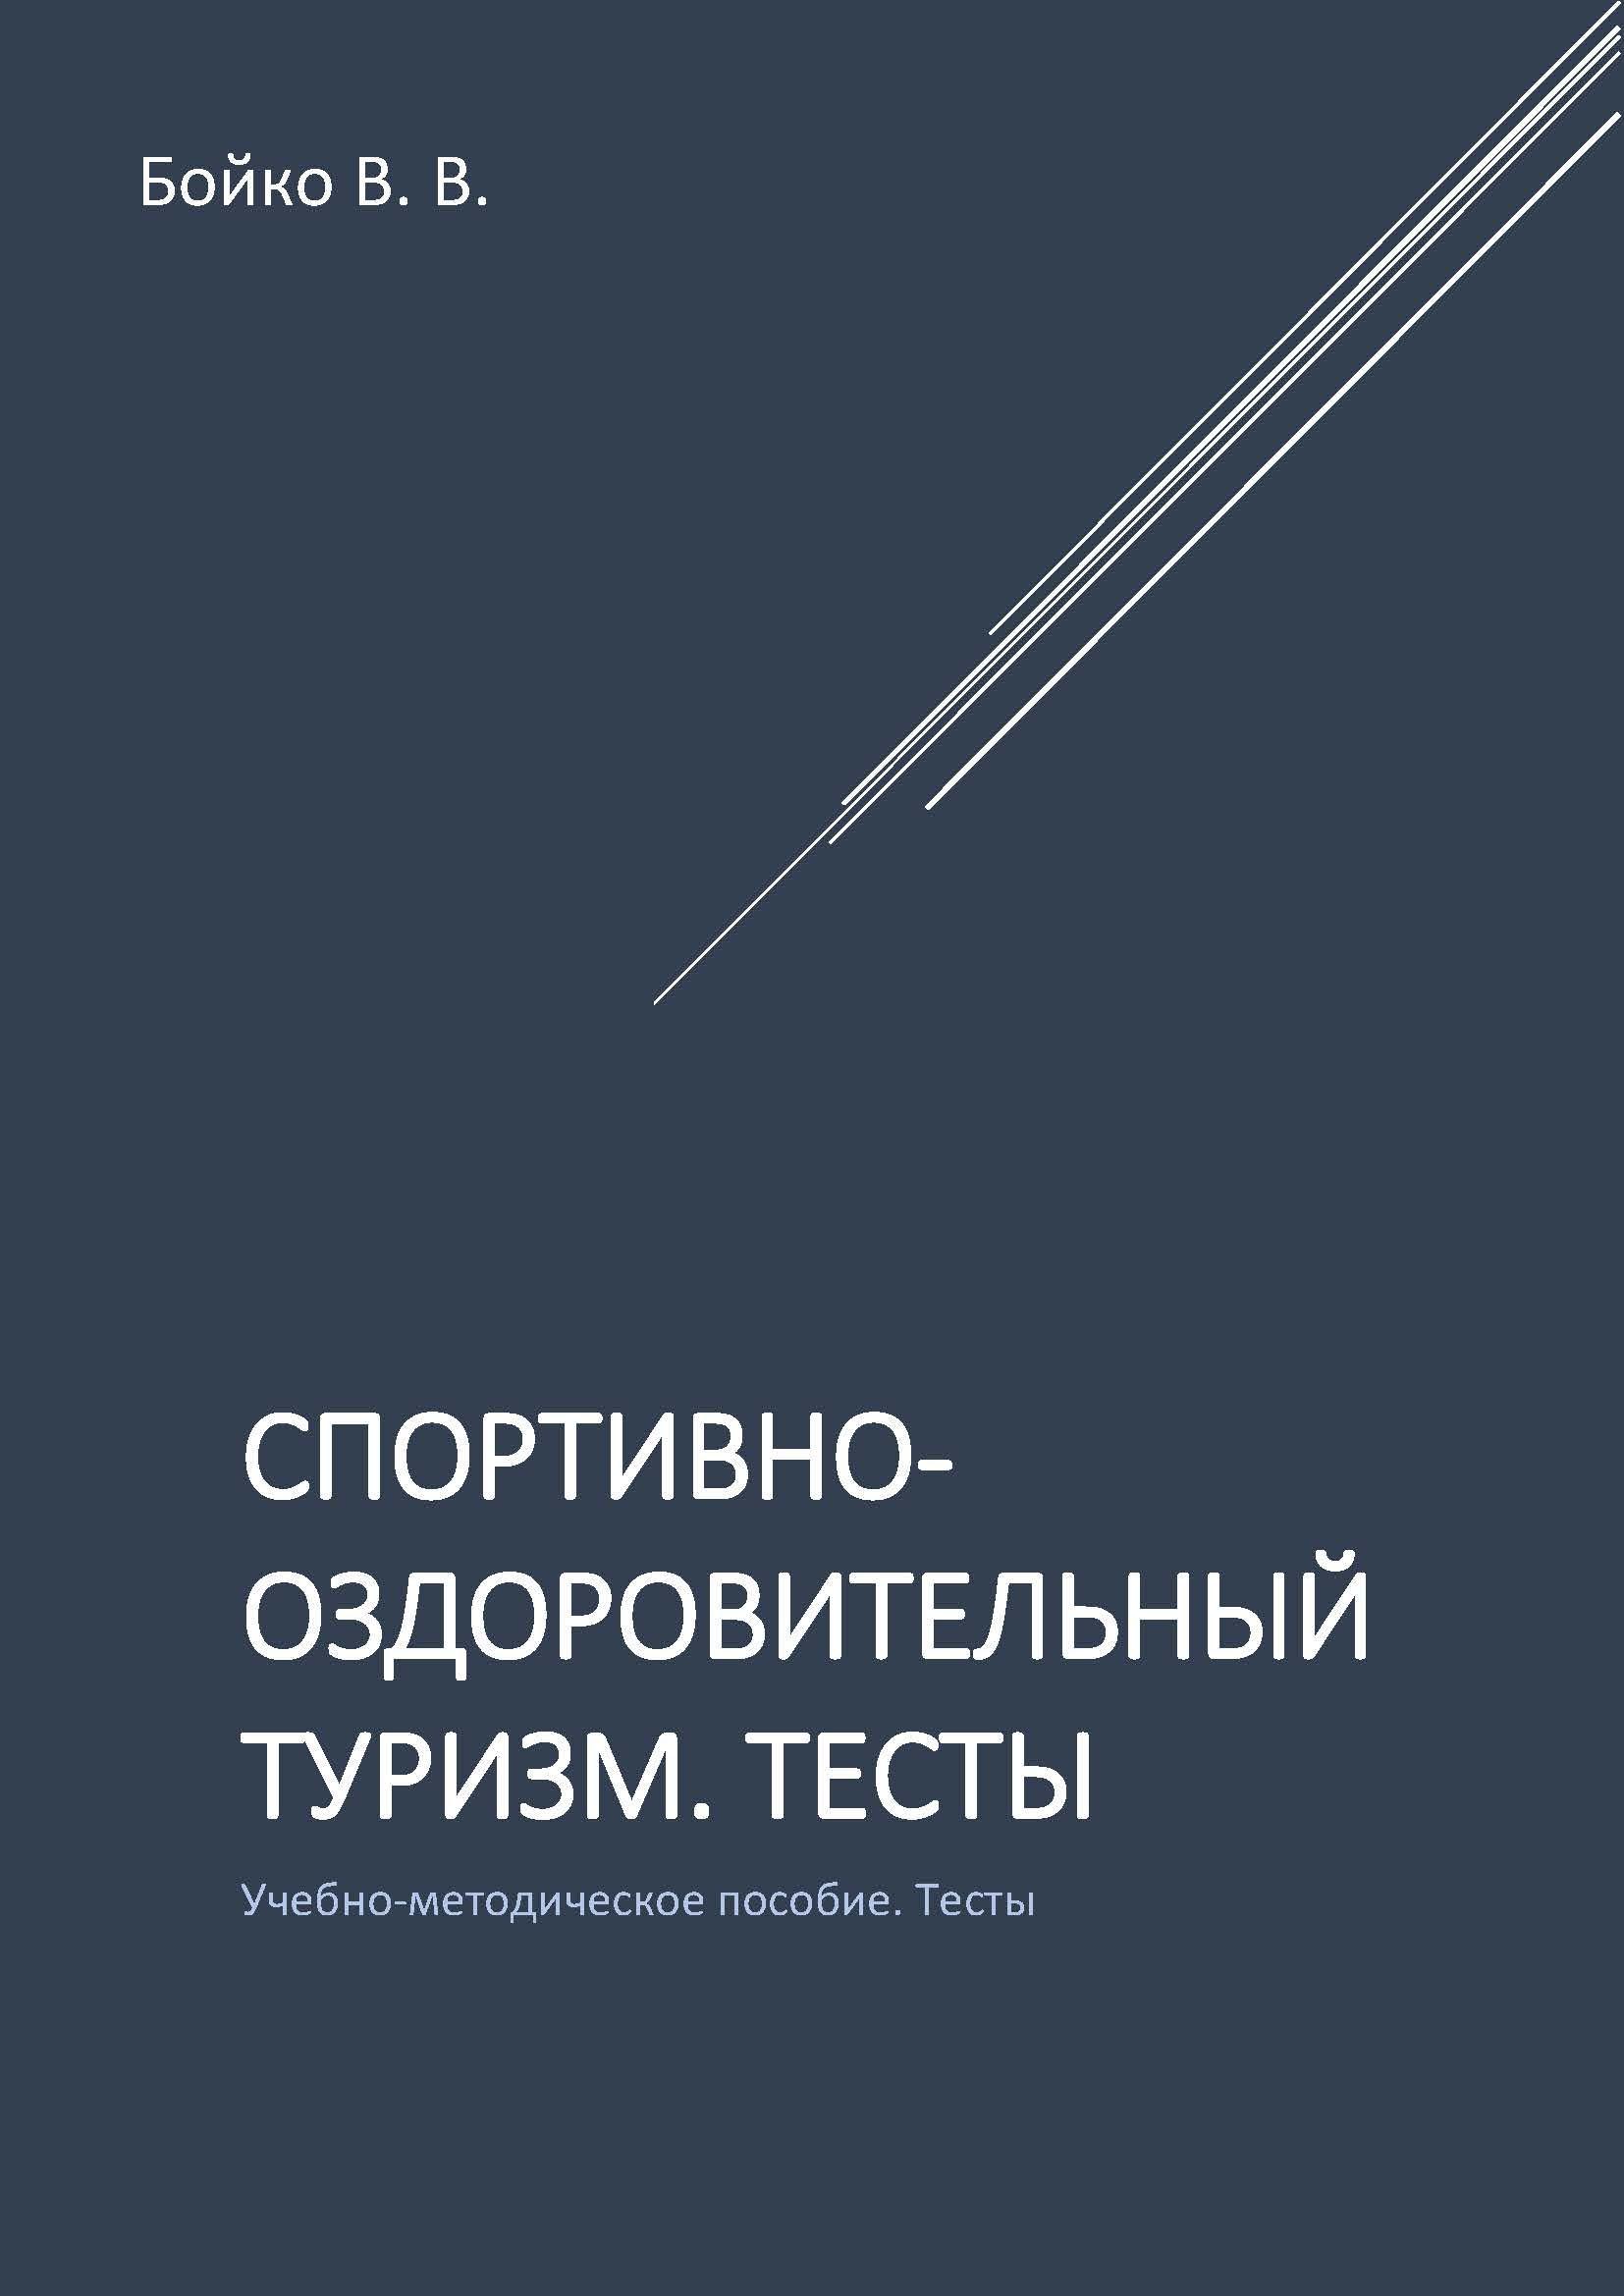 В. В. Бойко Спортивно-оздоровительный туризм. Тесты